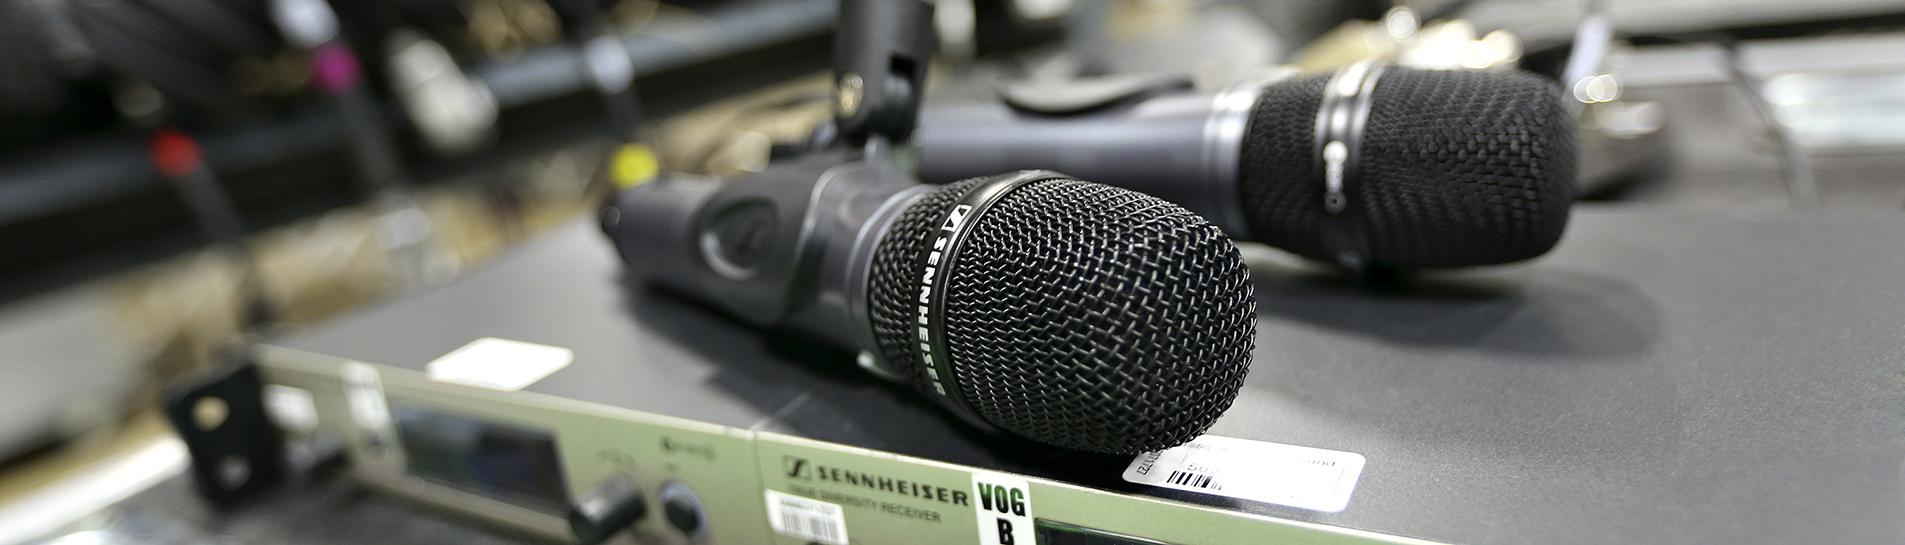 broadcast-imagev1